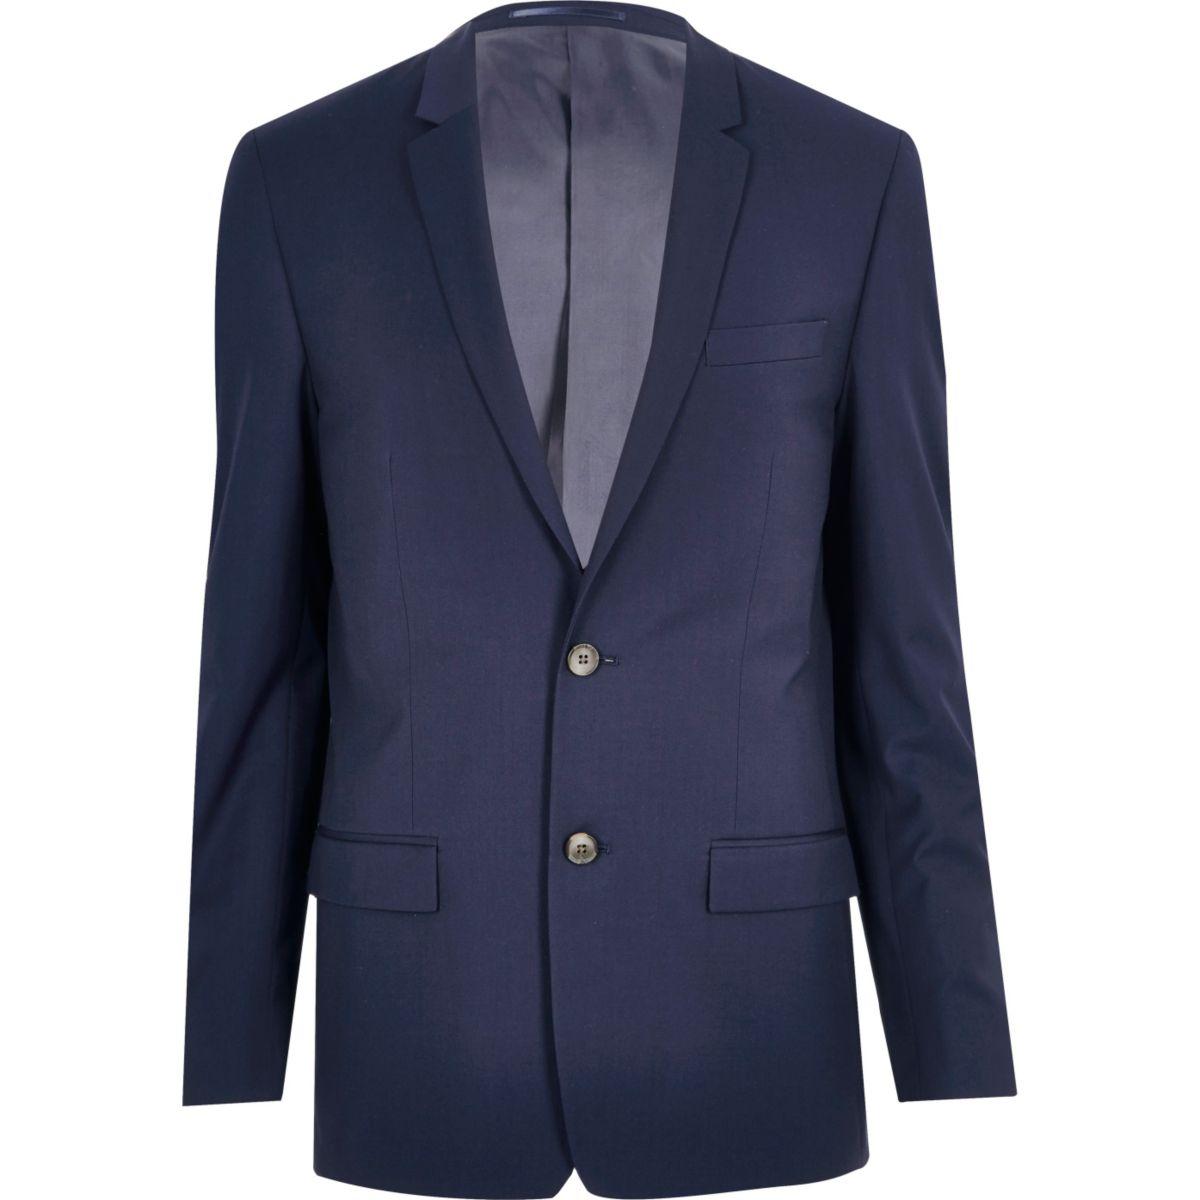 Navy skinny suit jacket